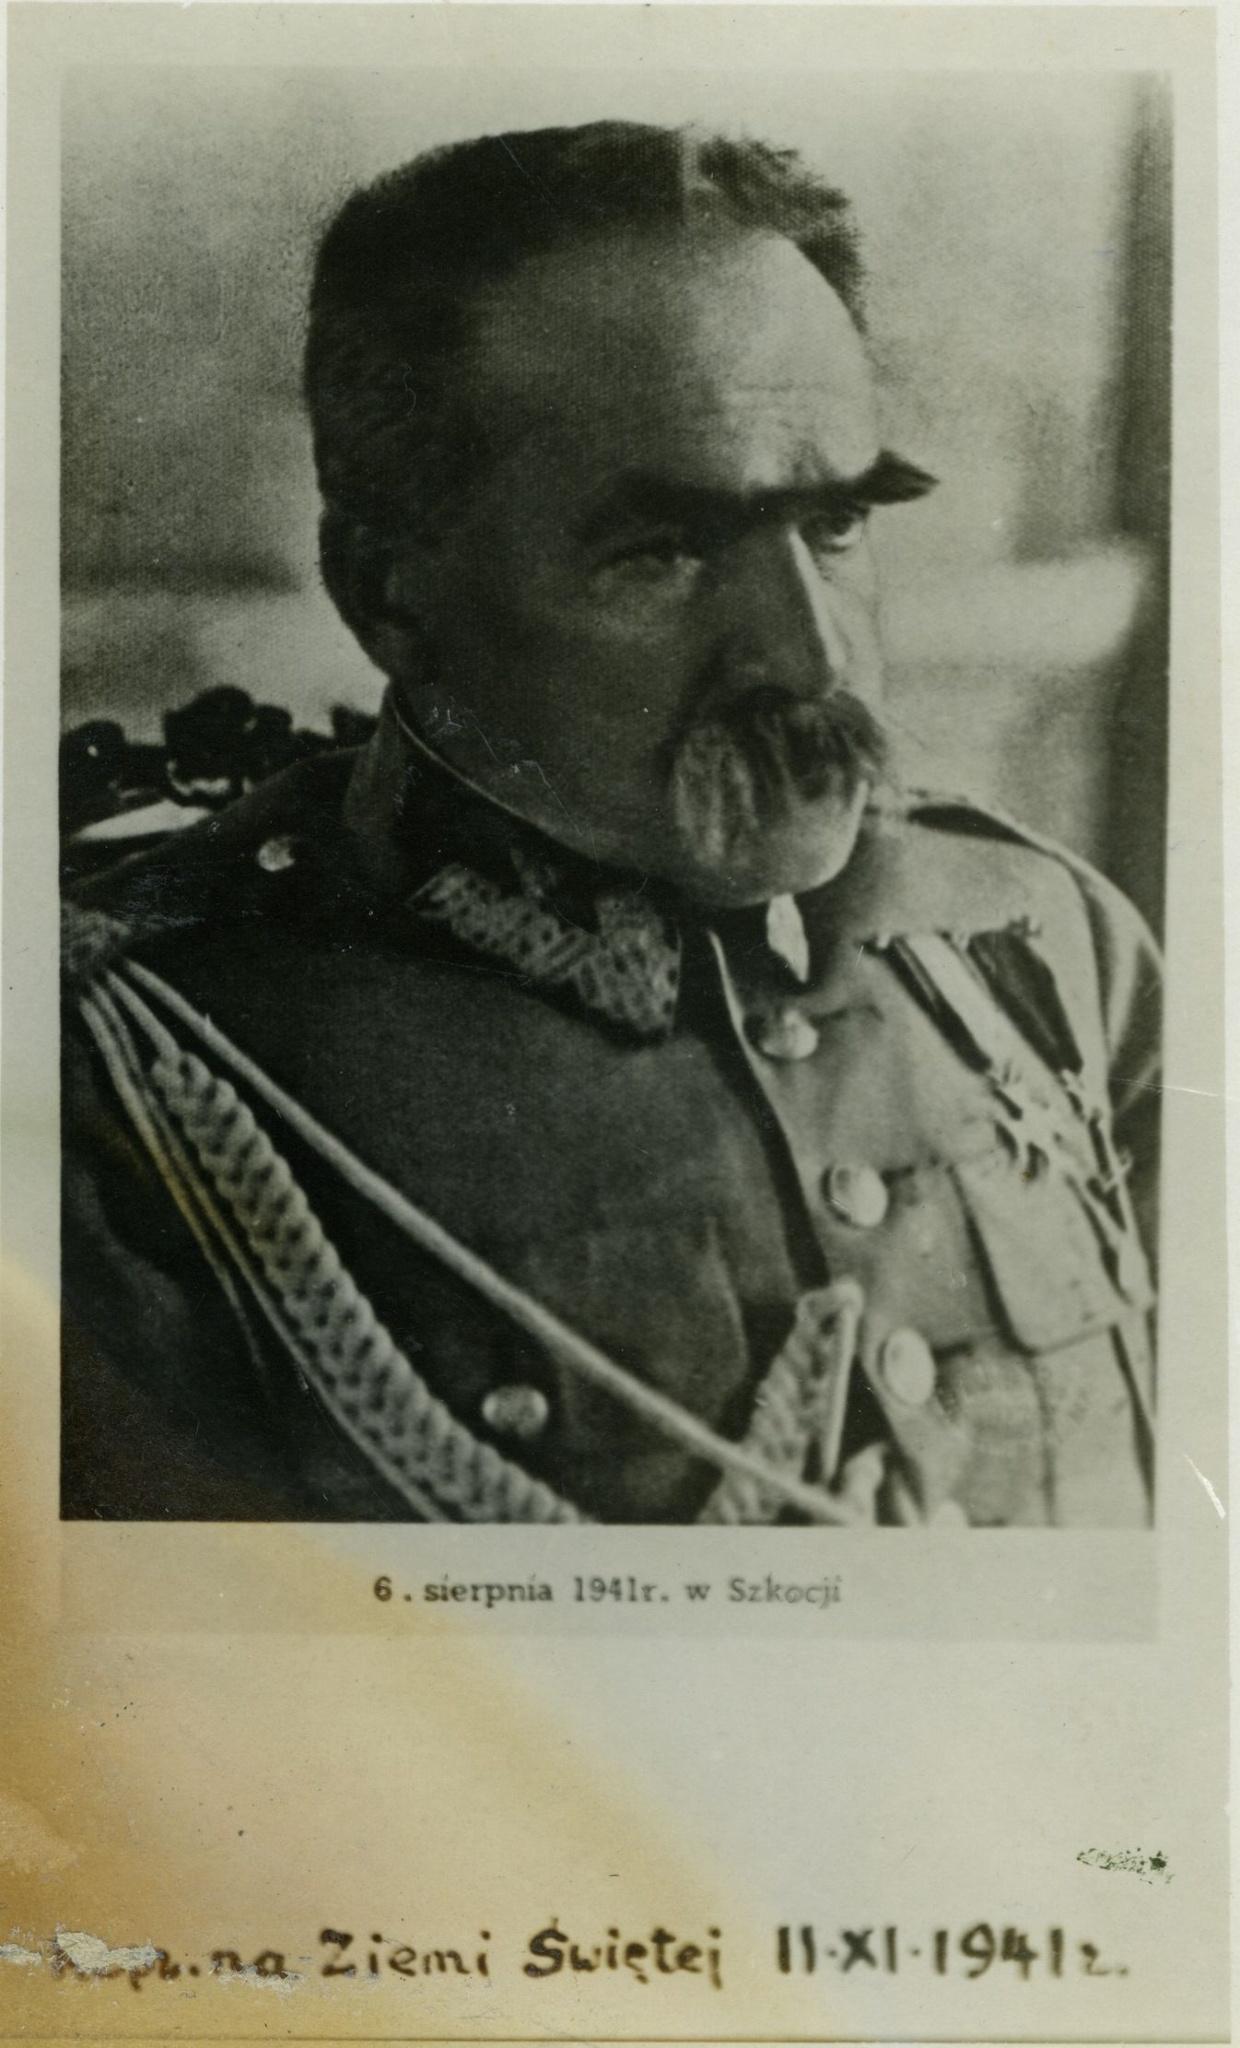 <div class='inner-box'><div class='close-desc'></div><span class='opis'>Józef Piłsudski - portret w ujęciu popiersiowym (podpis odręczny: … na Ziemi Świętej 11 XI 1941 r.)</span><div class='clearfix'></div><span>Cote du document FIL03143</span><div class='clearfix'></div><span>© Instytut Literacki</span></div>